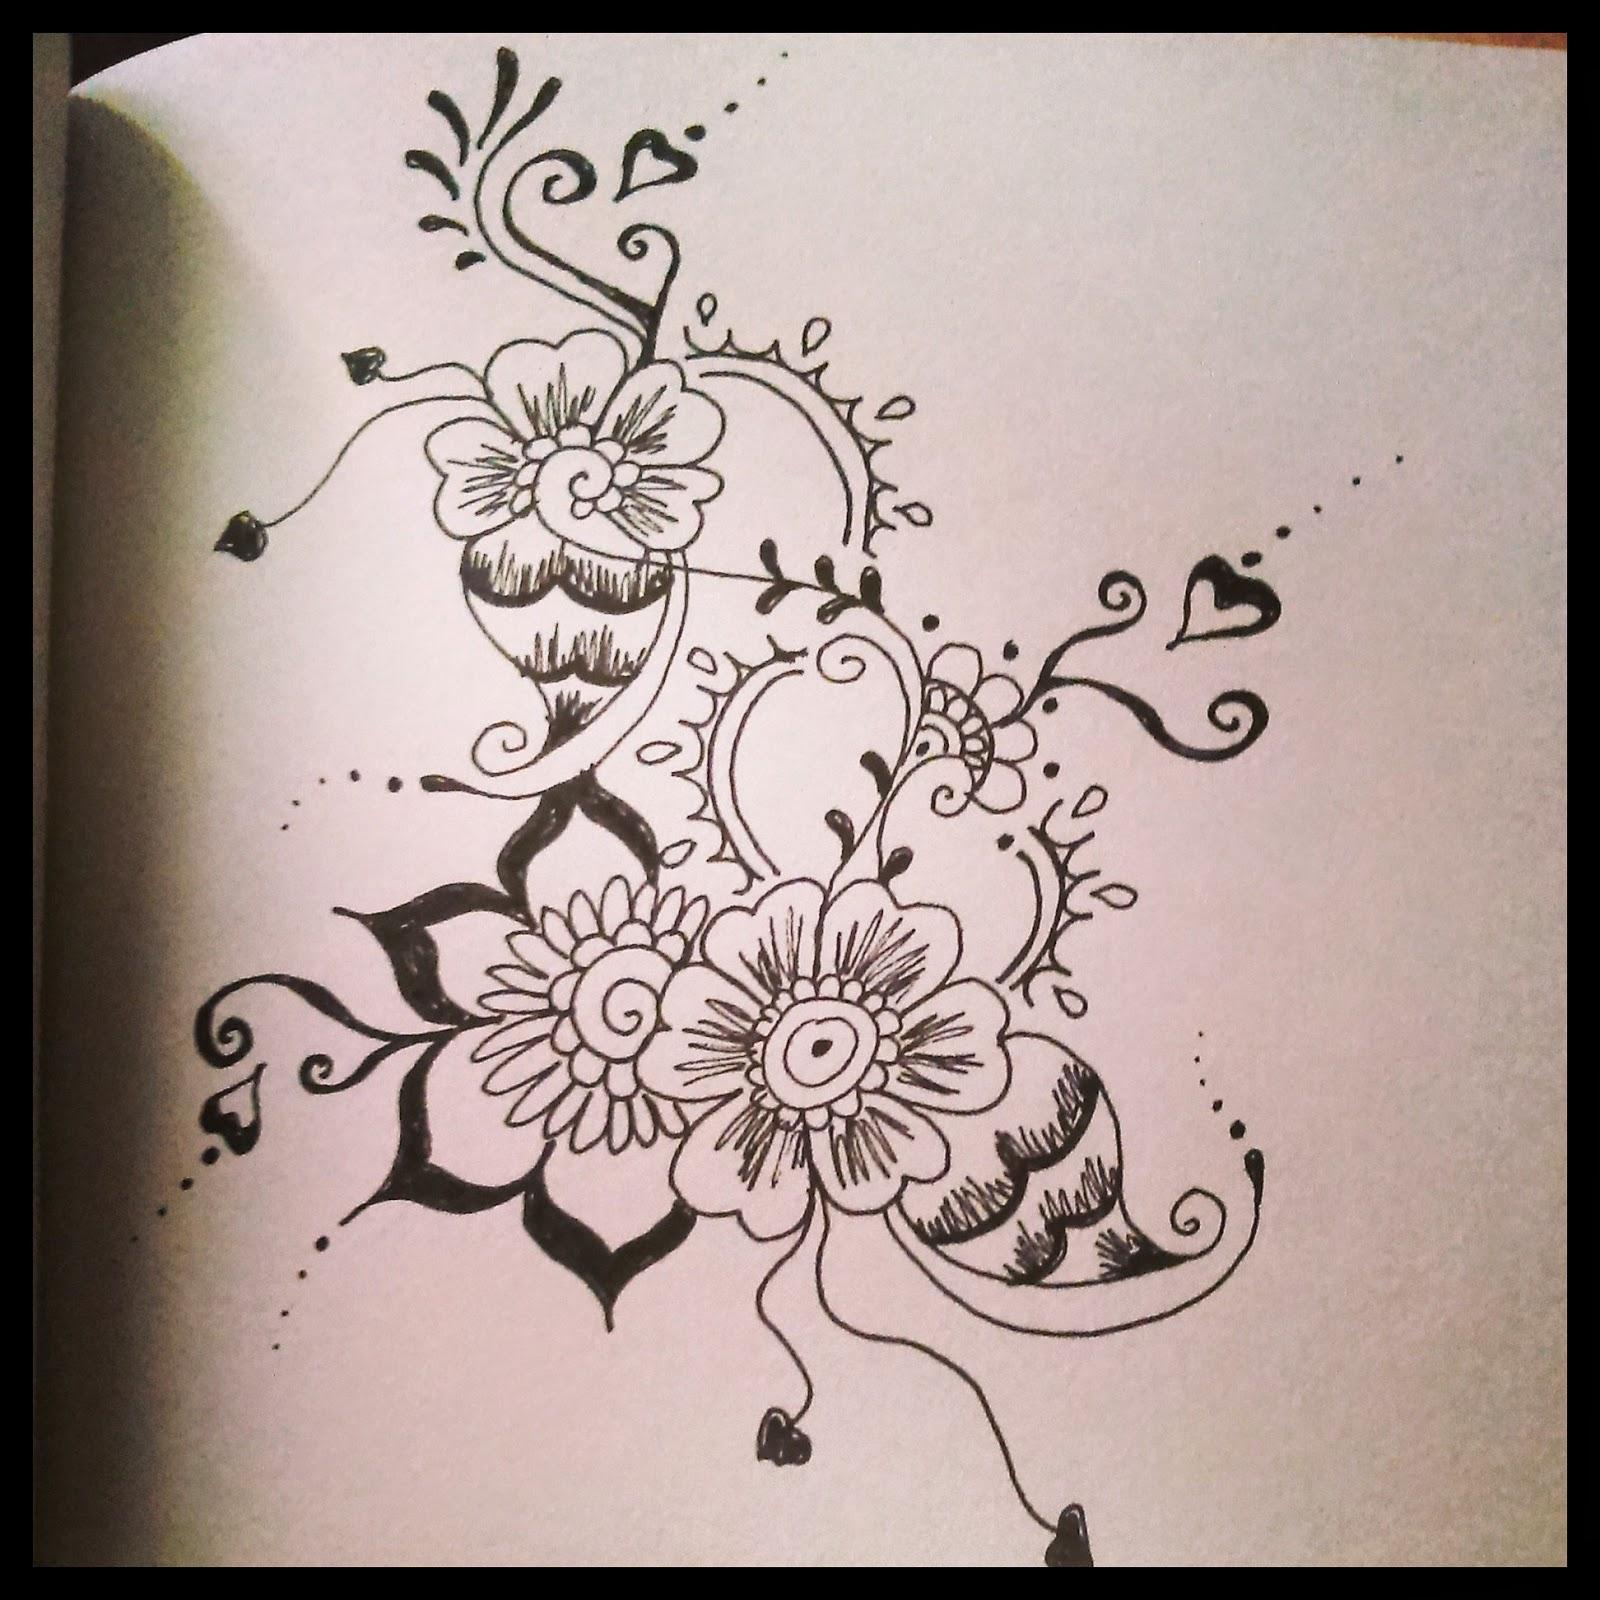 Acheter des pochoirs adhésifs traditionnels pour tatouages  - Pochoir Pour Tatouage Au Henné